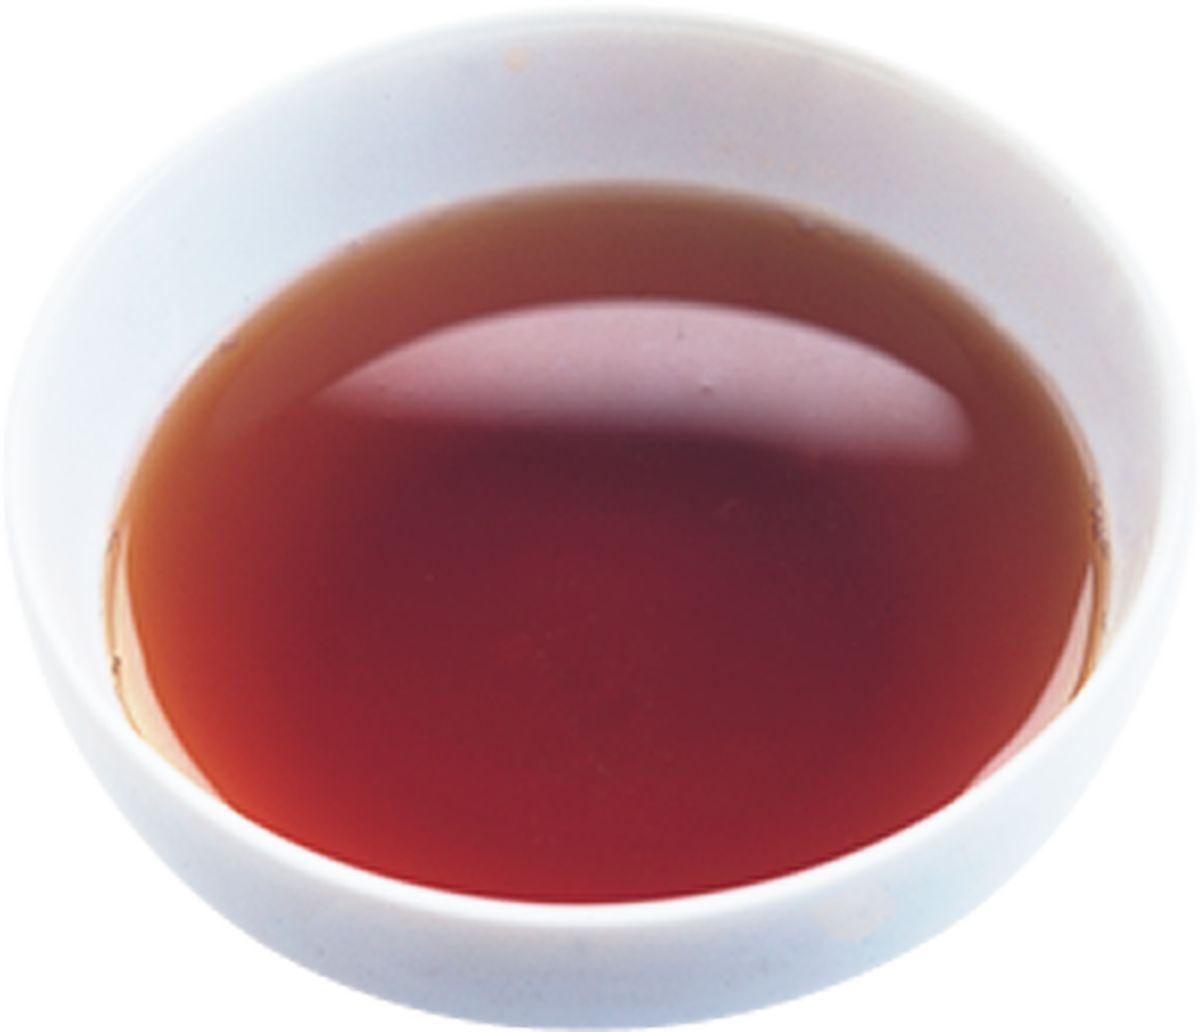 食譜:牛丼煮汁